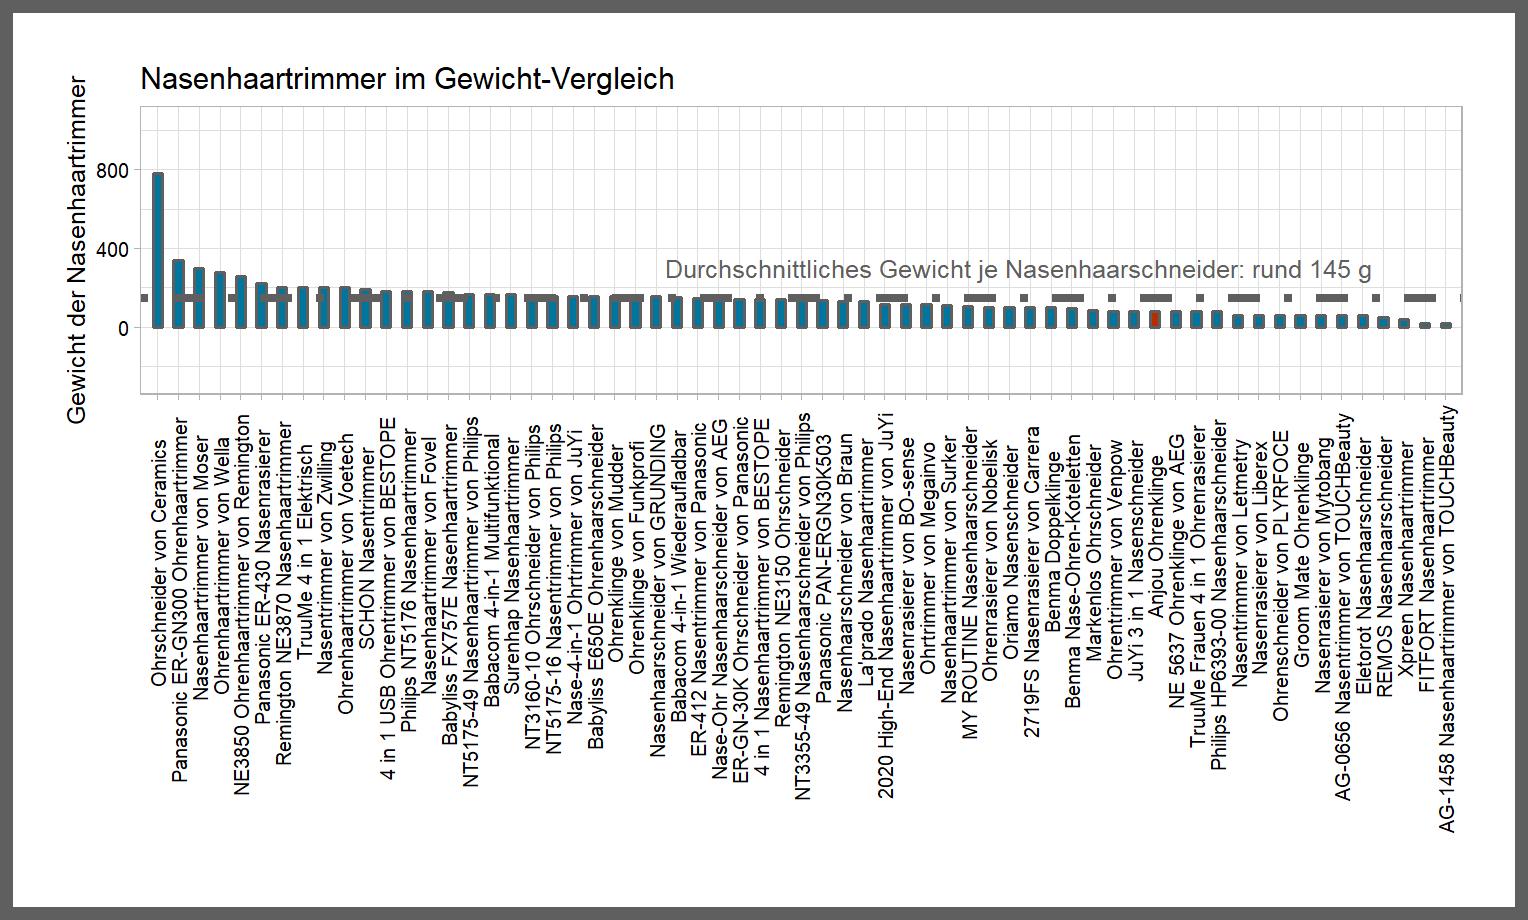 Gewicht-Vergleich von dem Anjou Nasenrasierer